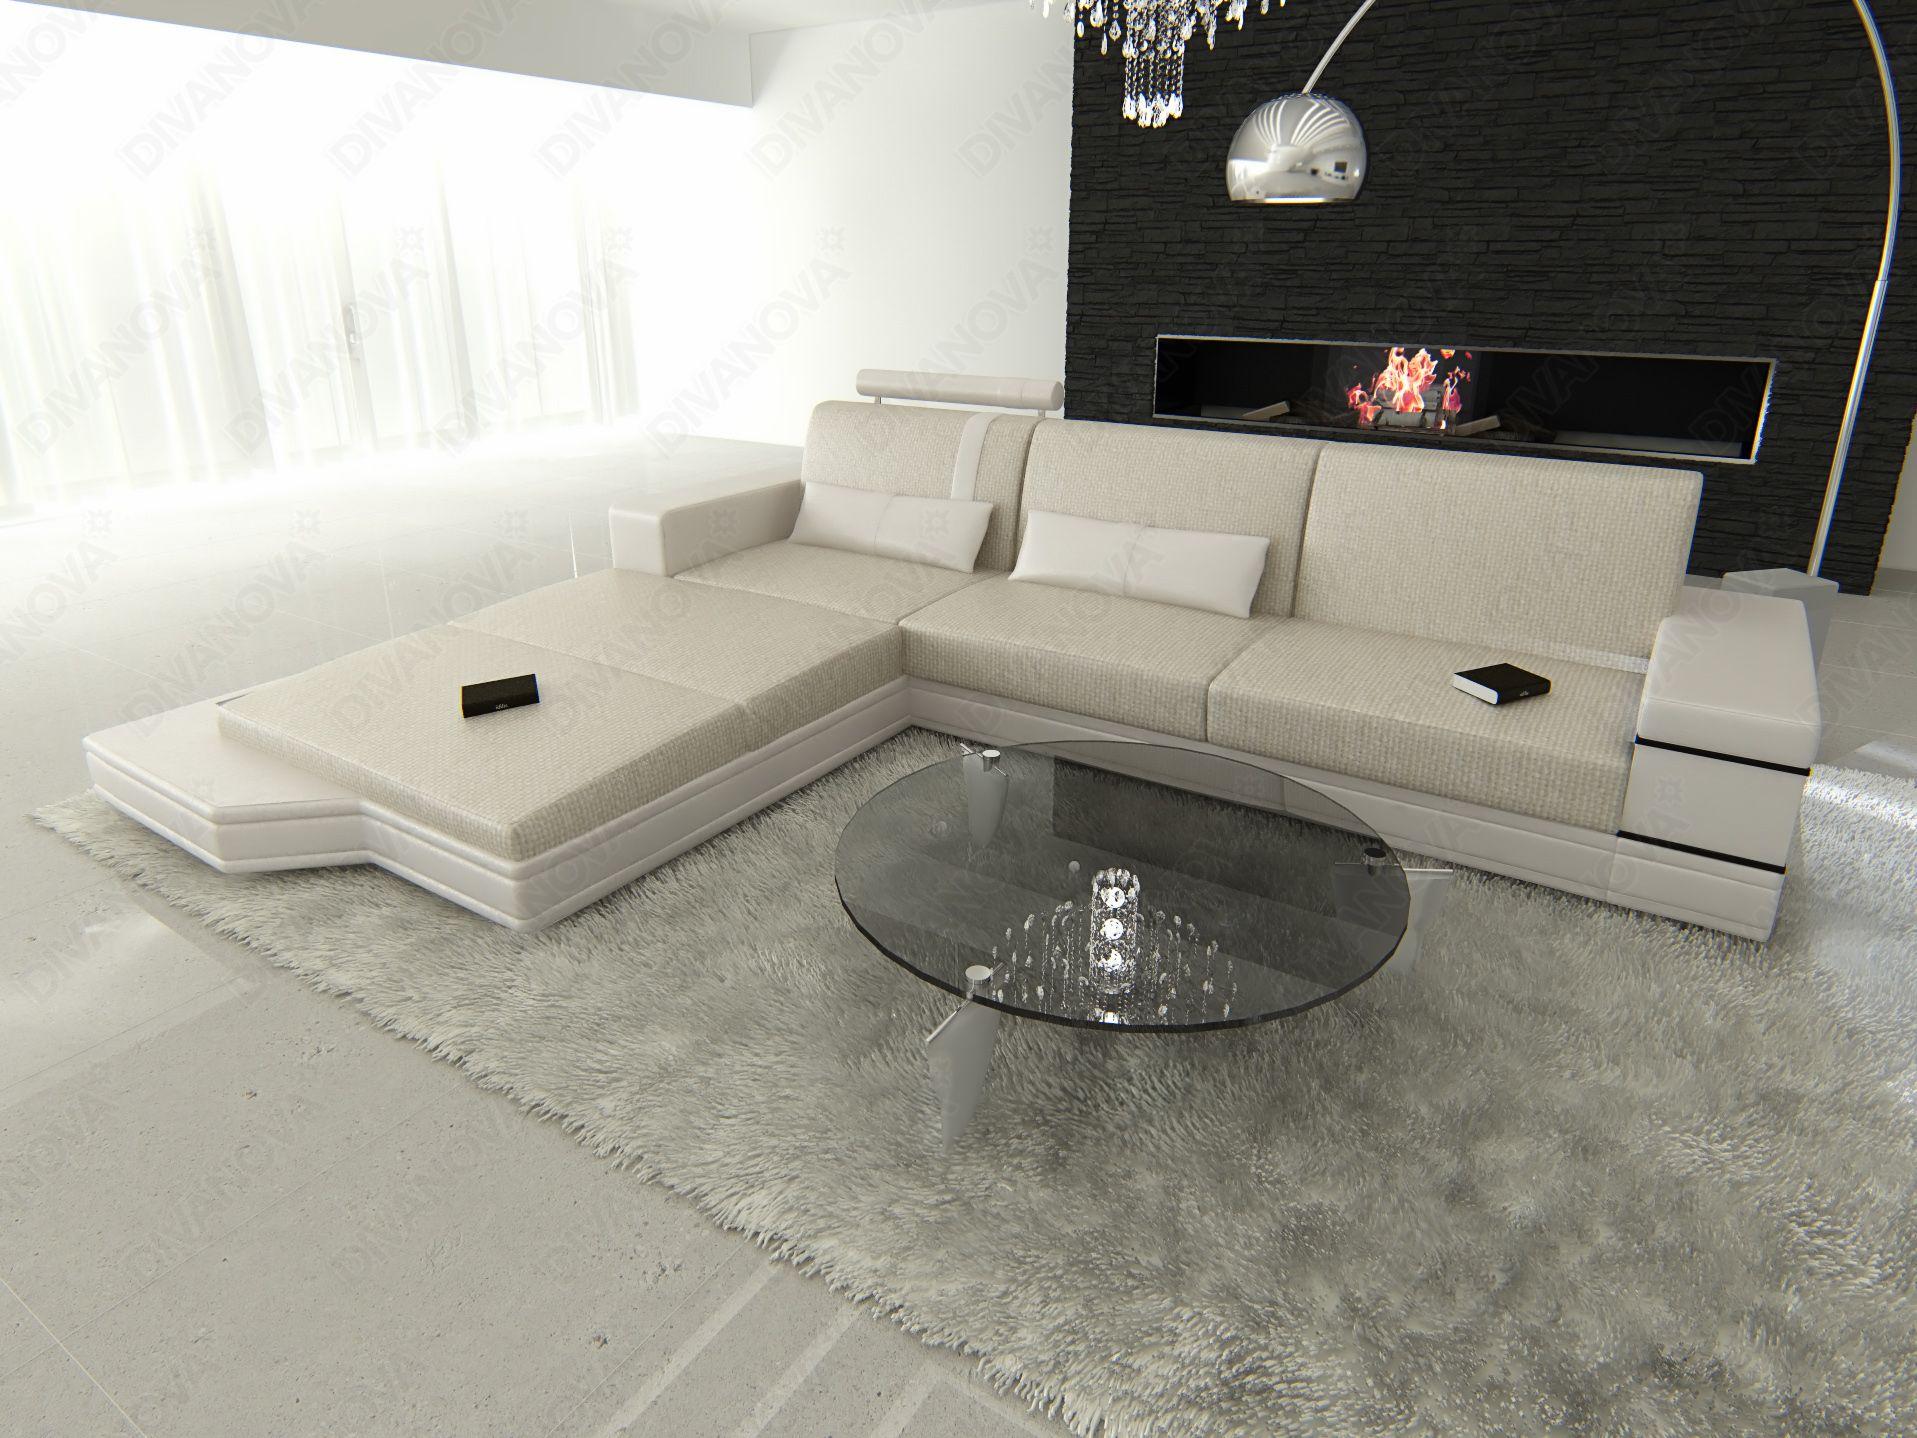 Proxima divano angolare a 3 posti con penisola in tessuto strutturato proxima divano - Divano con penisola dwg ...